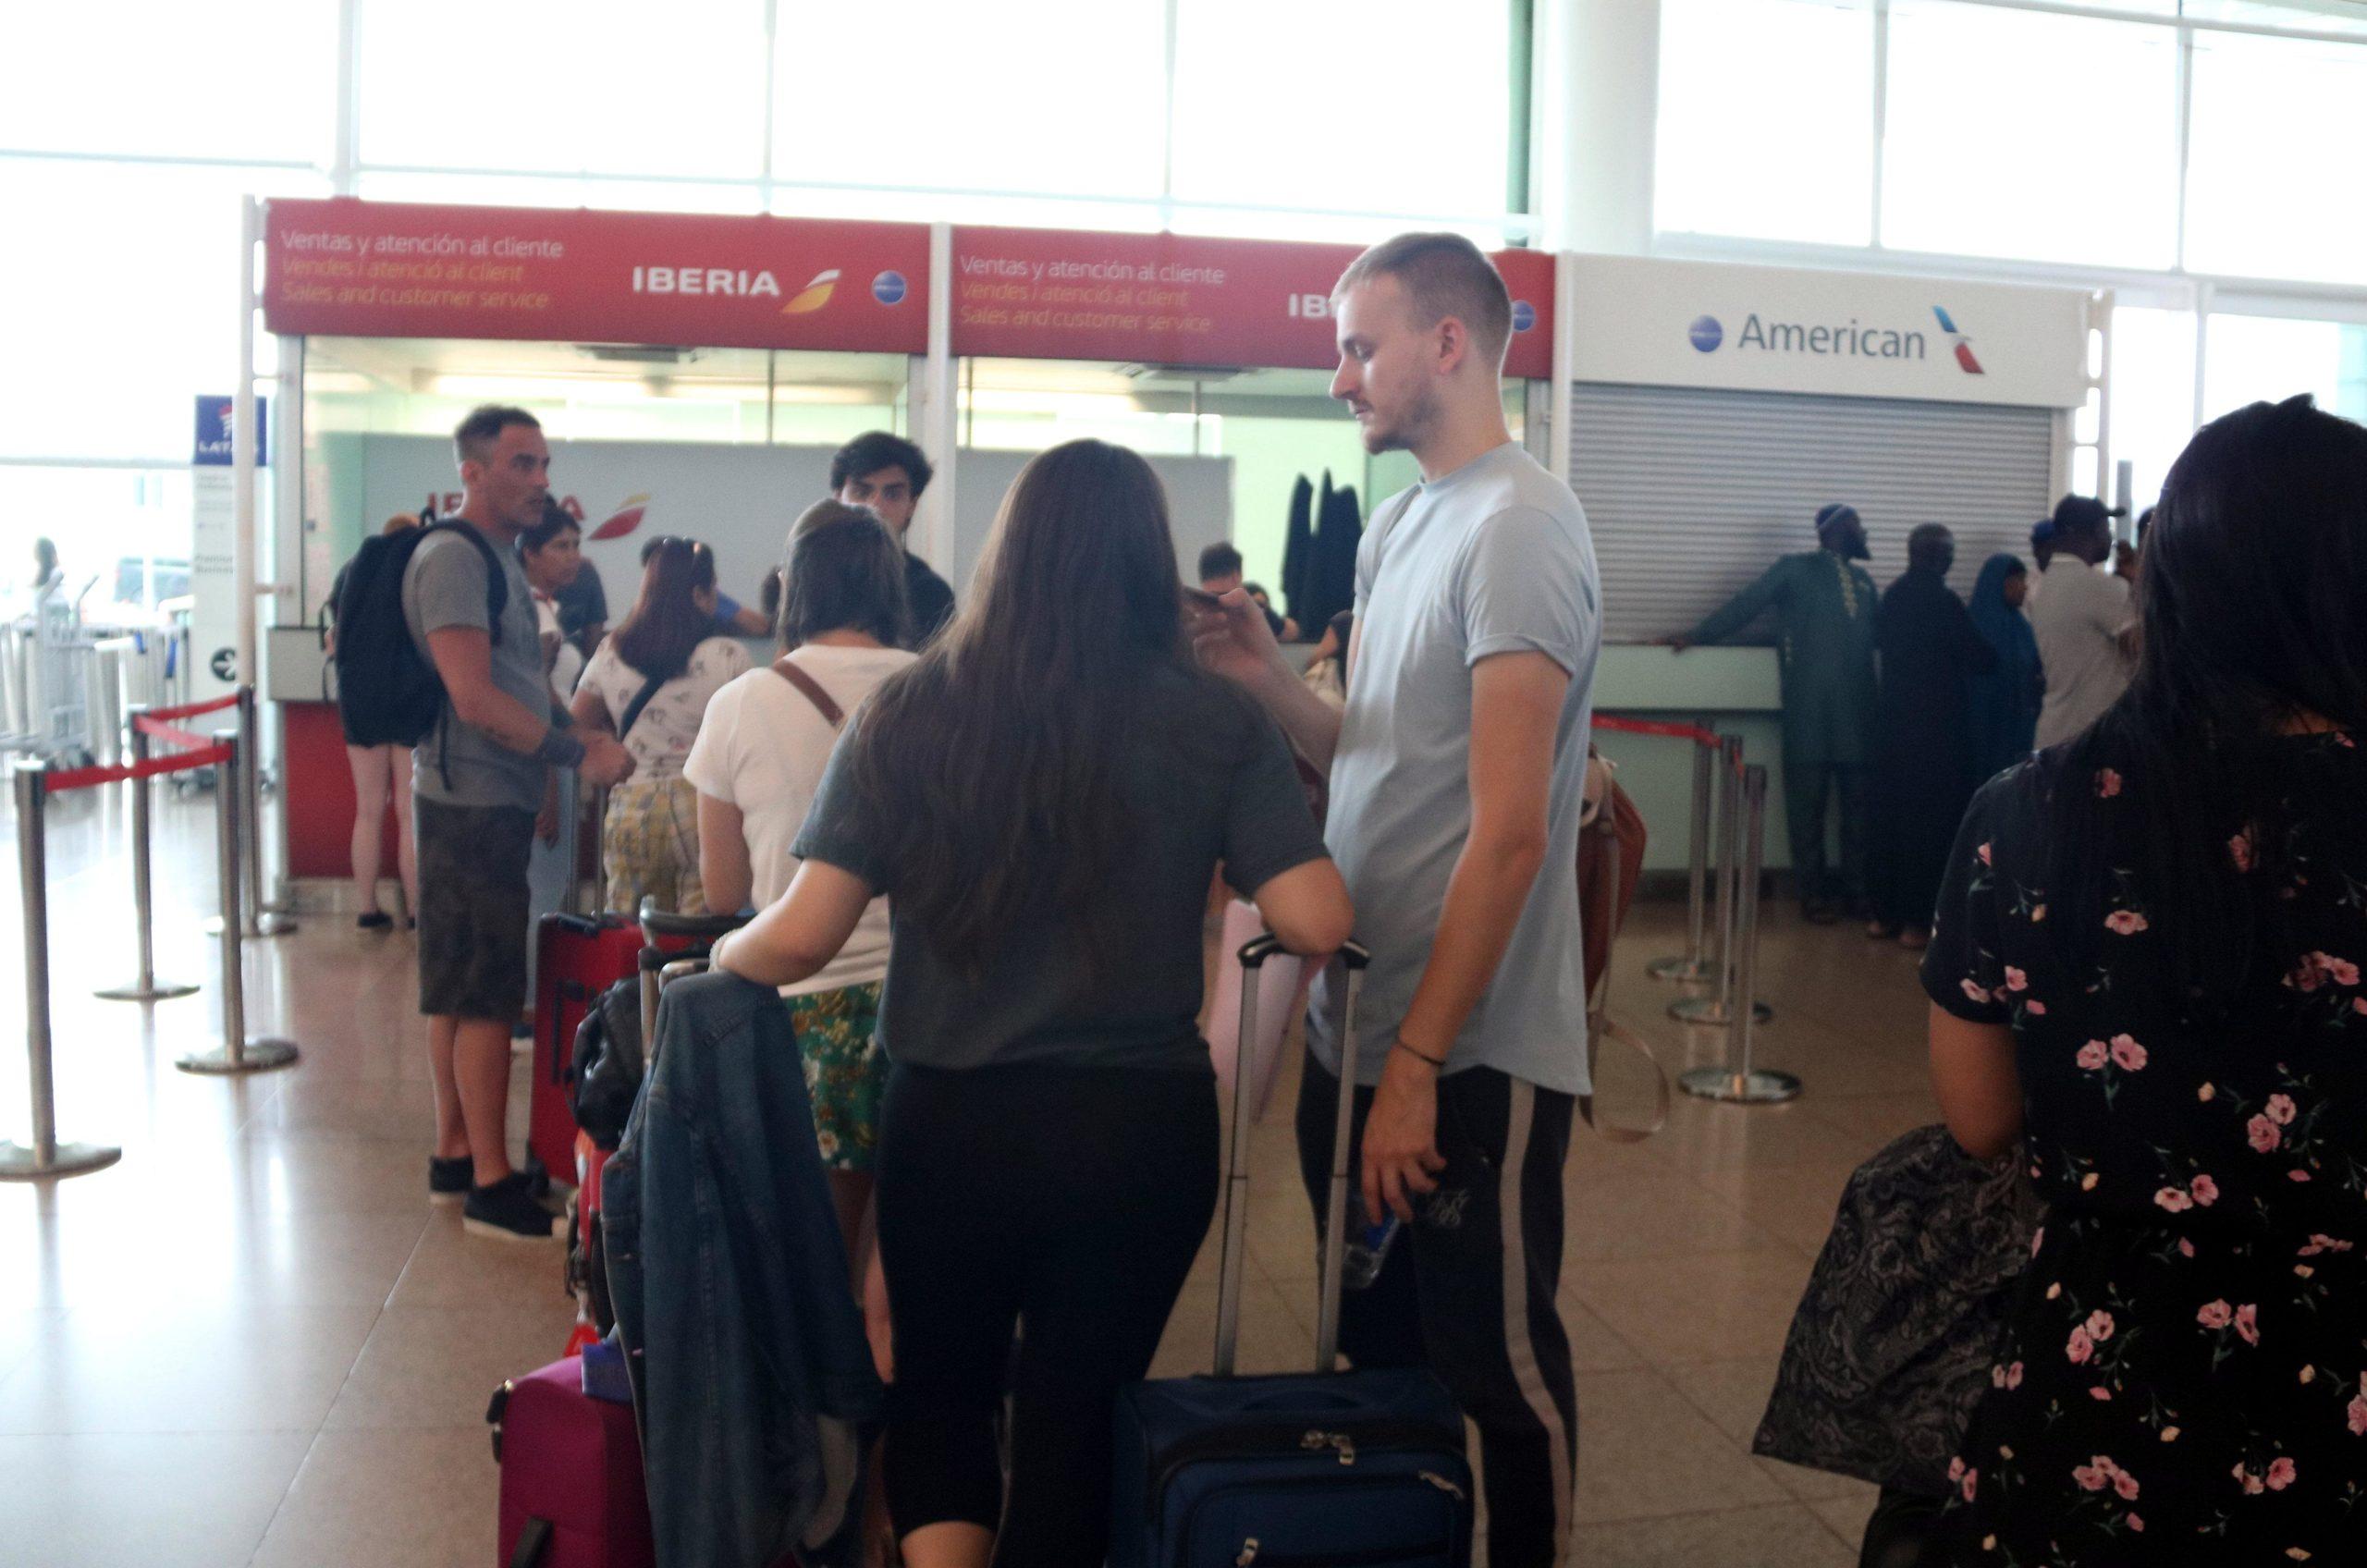 Diversos passatgers davant del taulell de reclamacions d'Ibèria a l'aeroport del Prat, el 27-7-2019 / ACN